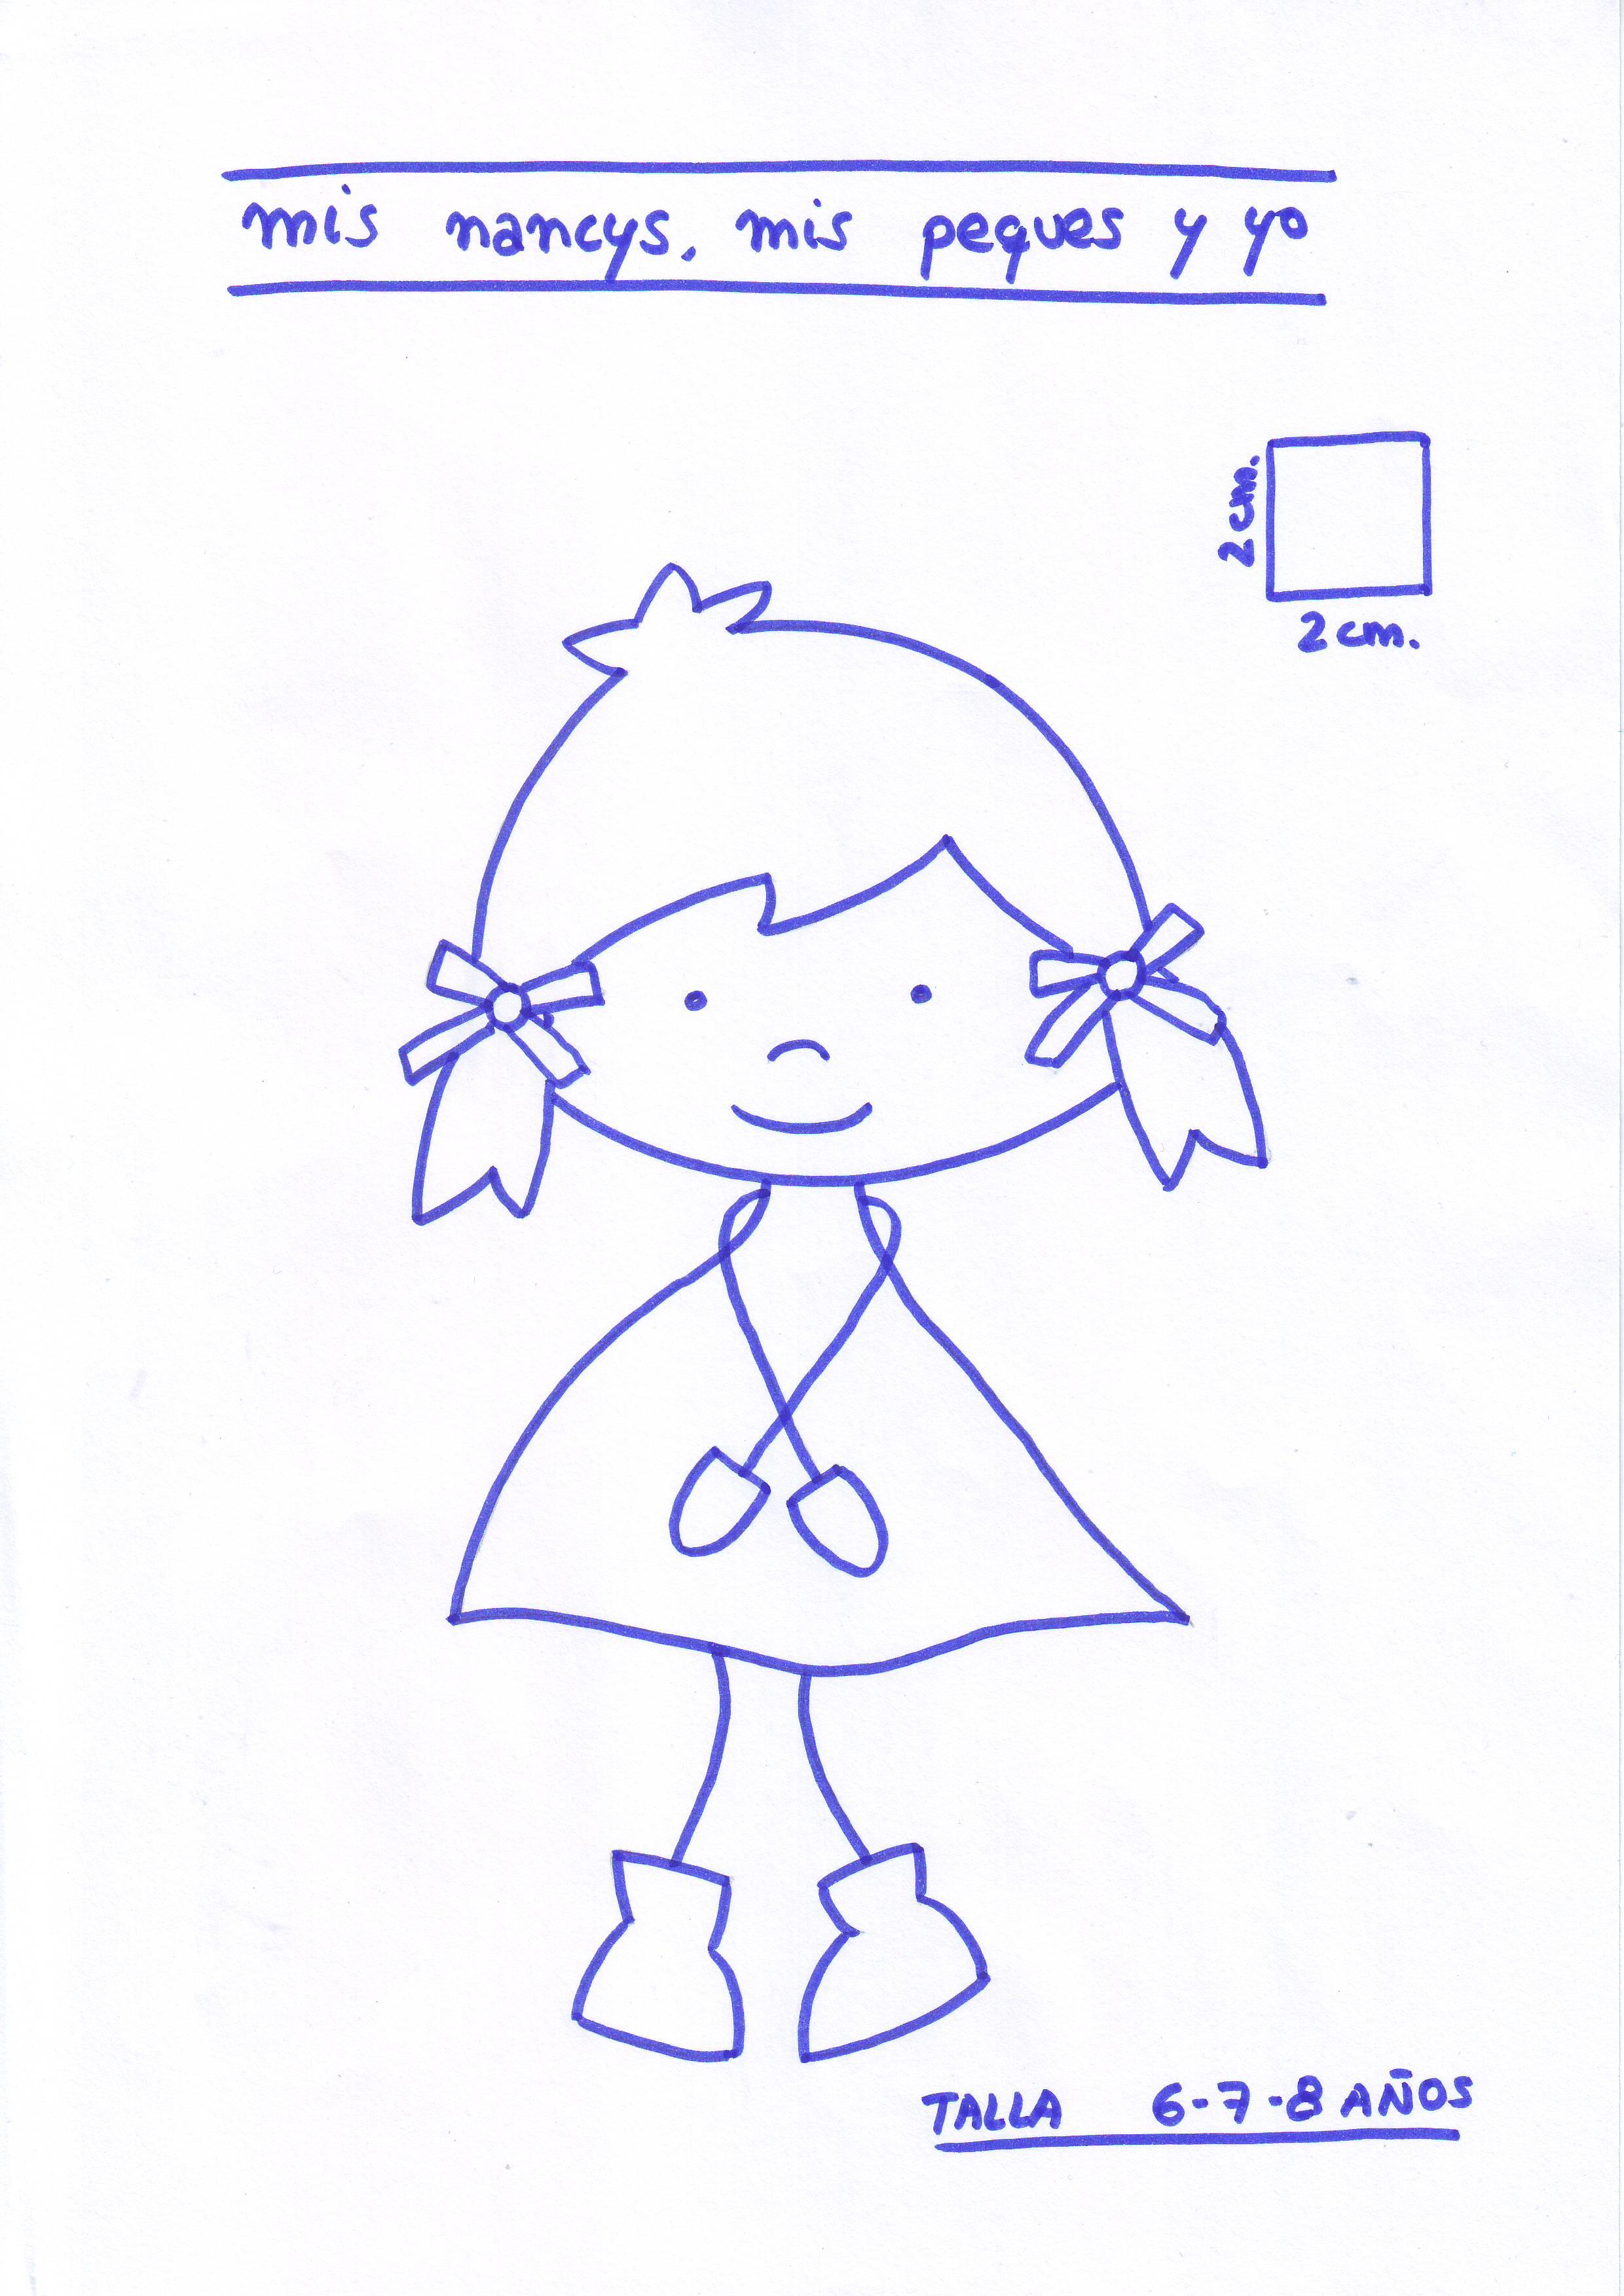 mis nancys, mis peques y yo, tutorial aplique en camiseta muñequita linda, Patrón muñequita TALLA 6,7,8